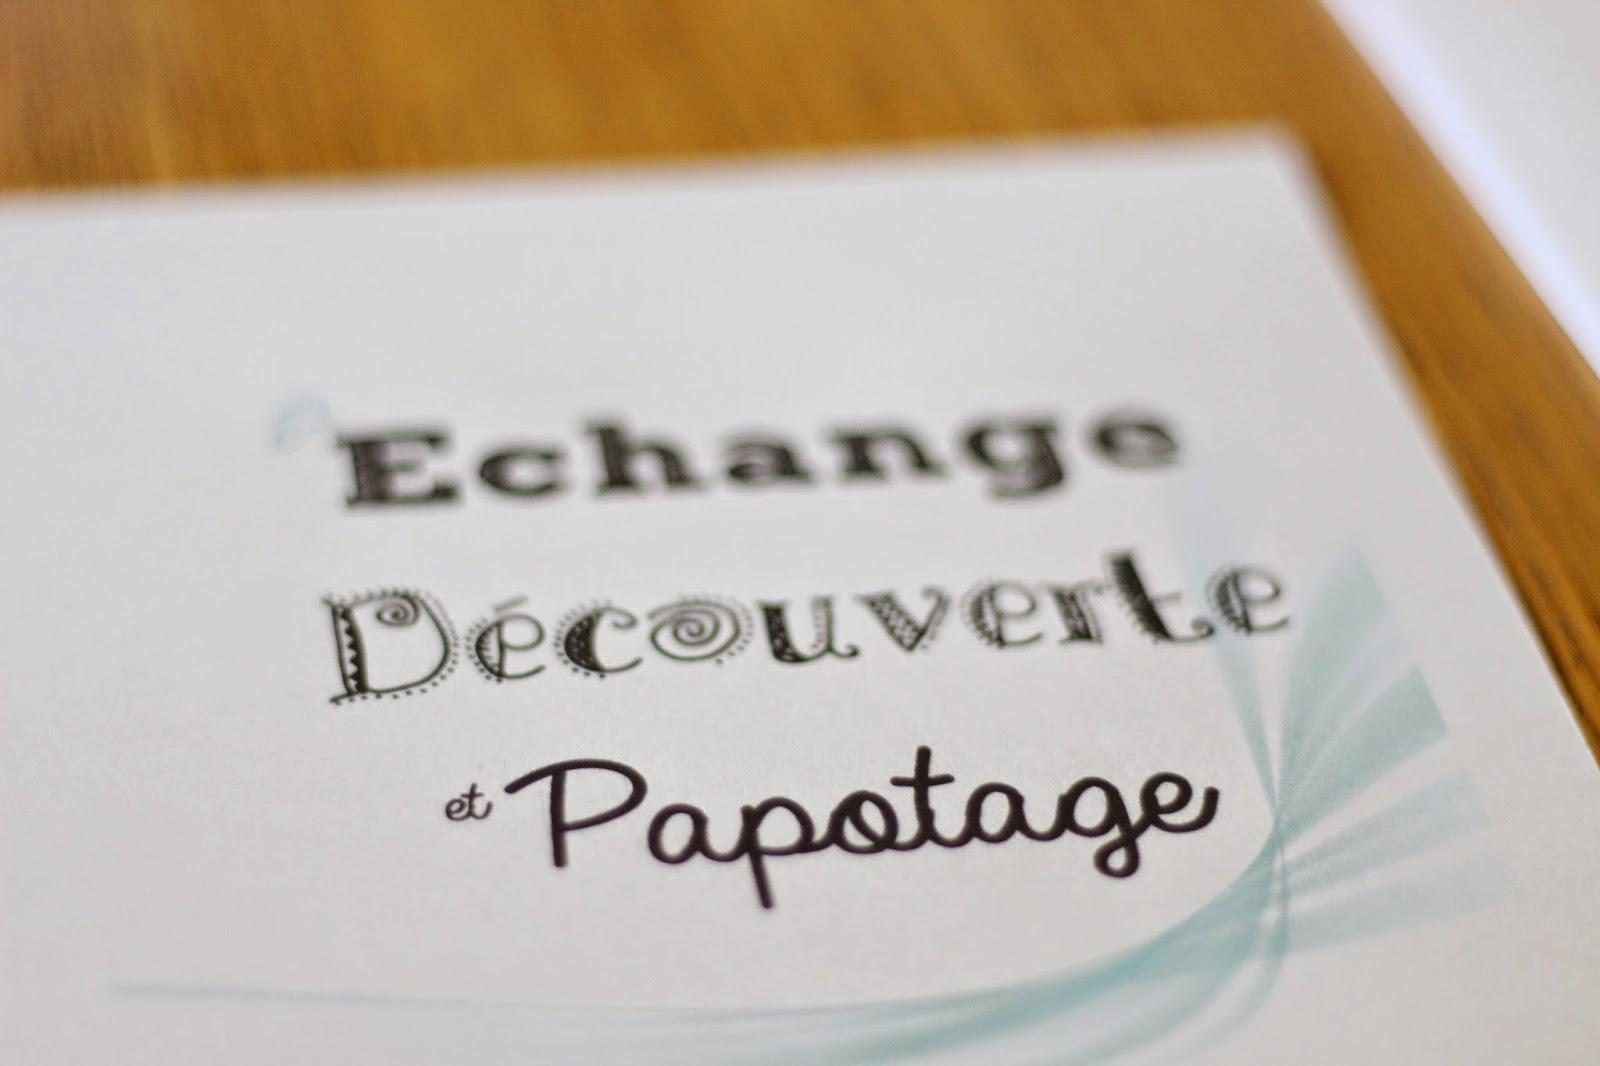 echange-découverte-papotage-mylittlequail-mymycracra-unegrainedidée-danslesboitesdeliaure-unefilleàfrange